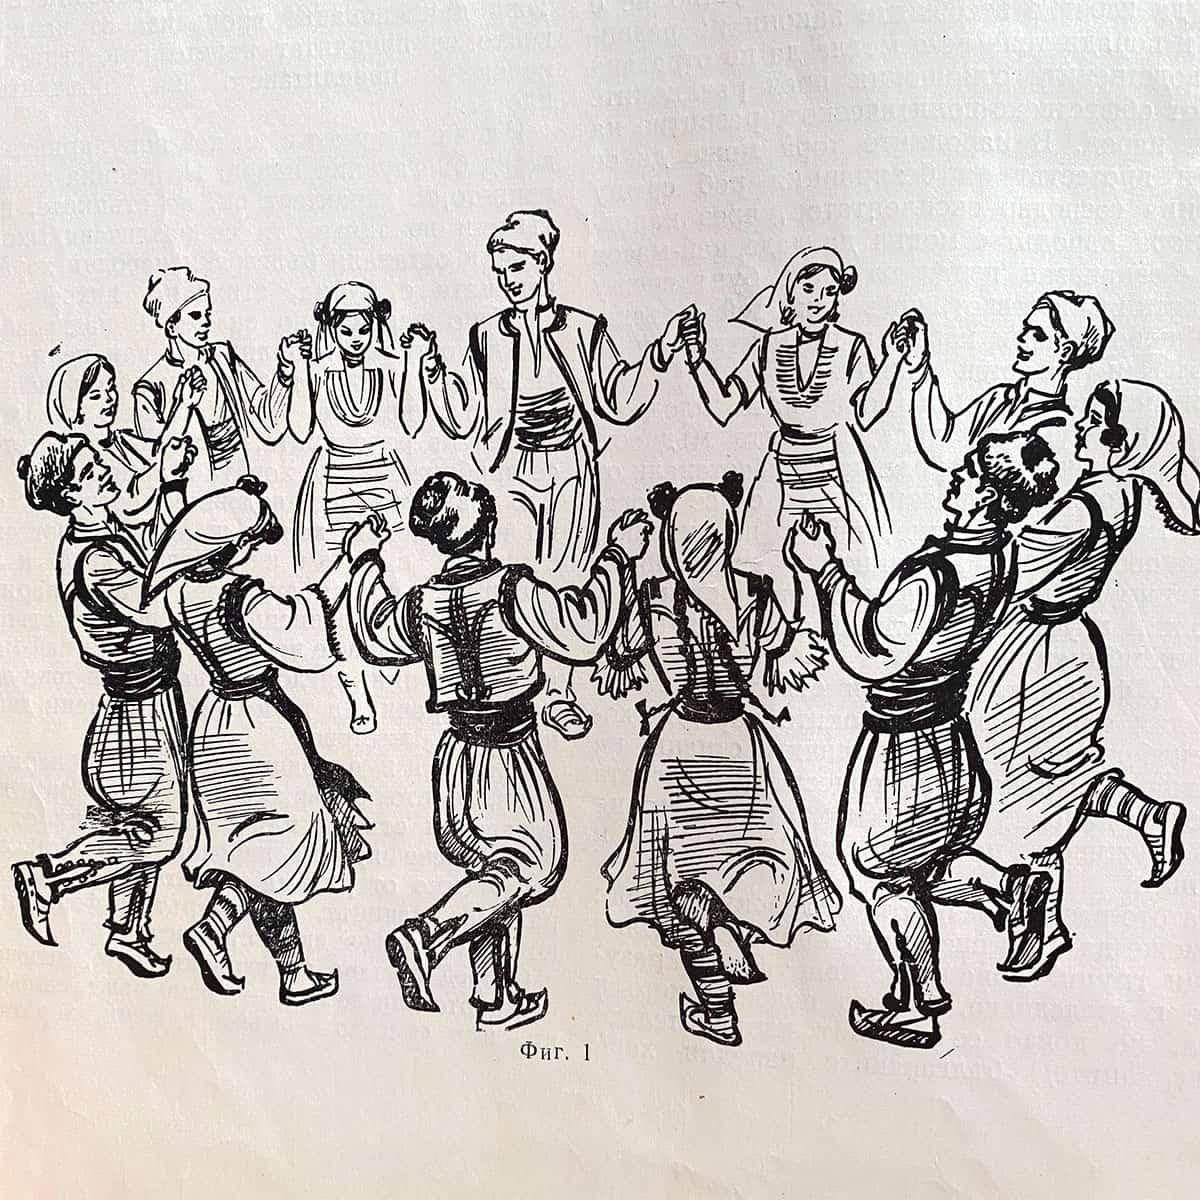 танцуване на Еленино хоро - фигура 1